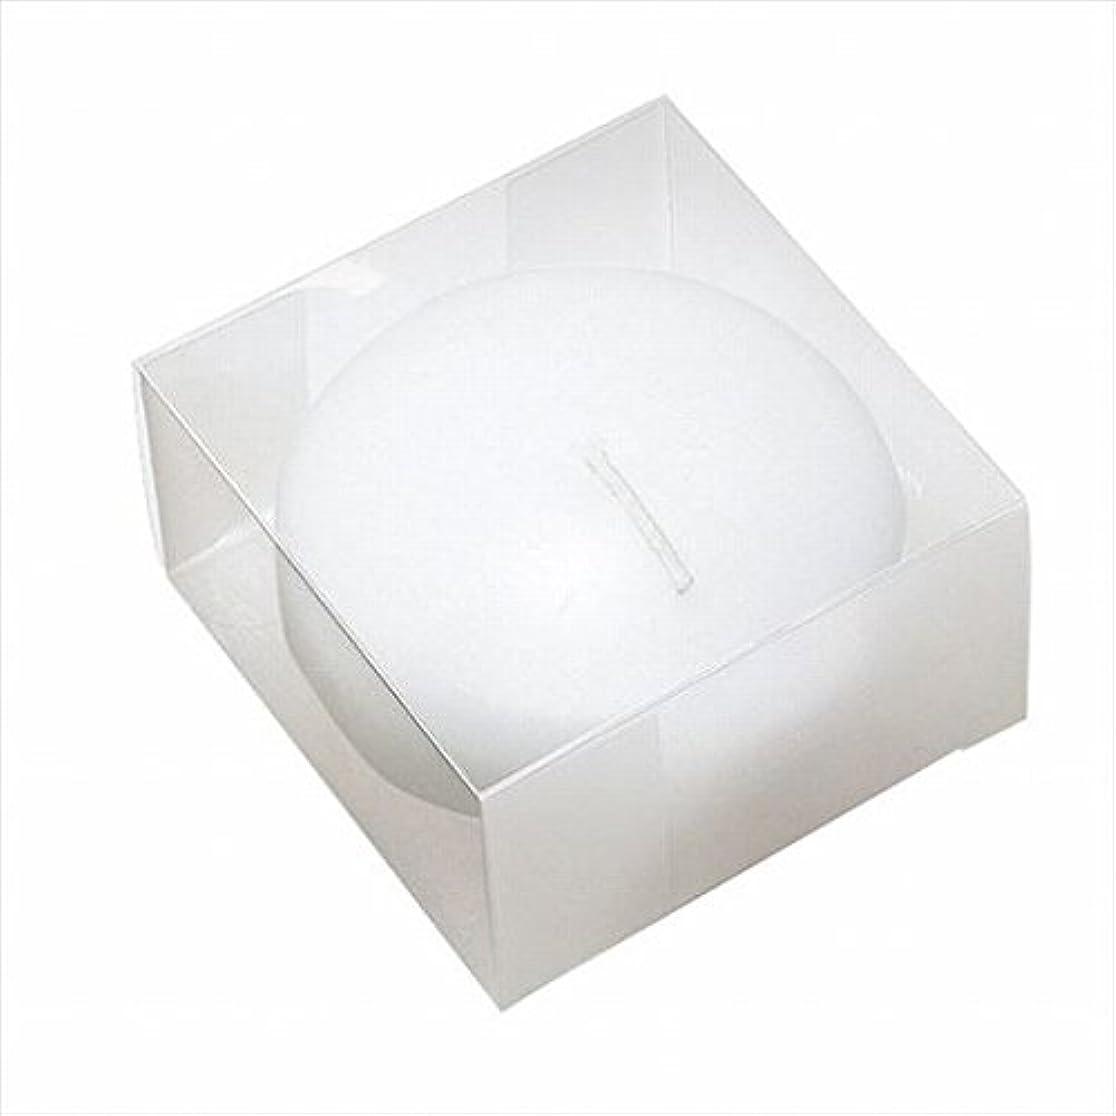 カメヤマキャンドル(kameyama candle) プール80(箱入り) 「 ホワイト 」